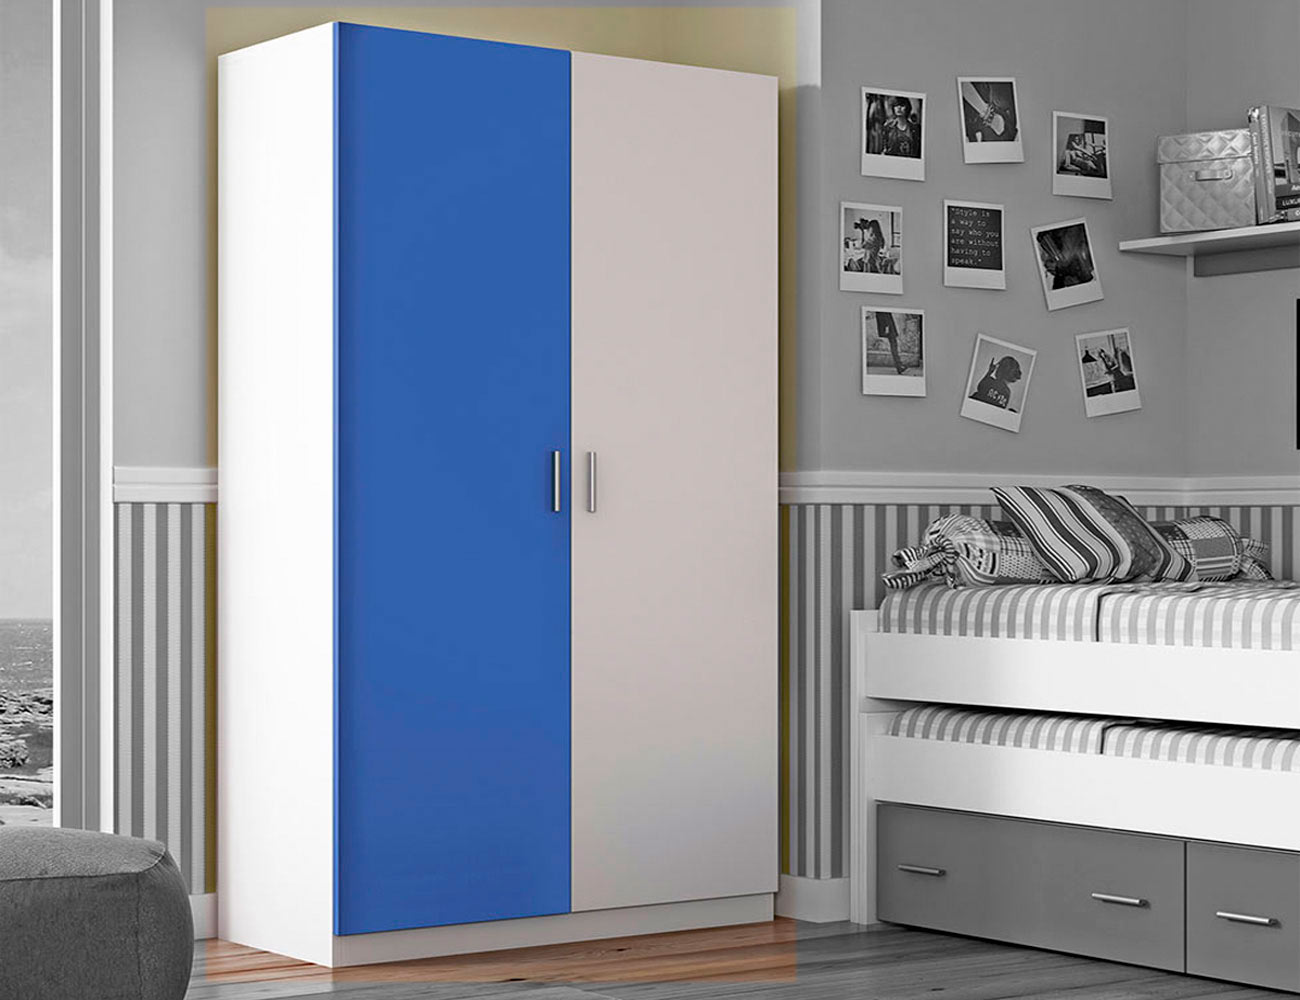 Armario 2 puertas blanco azul1